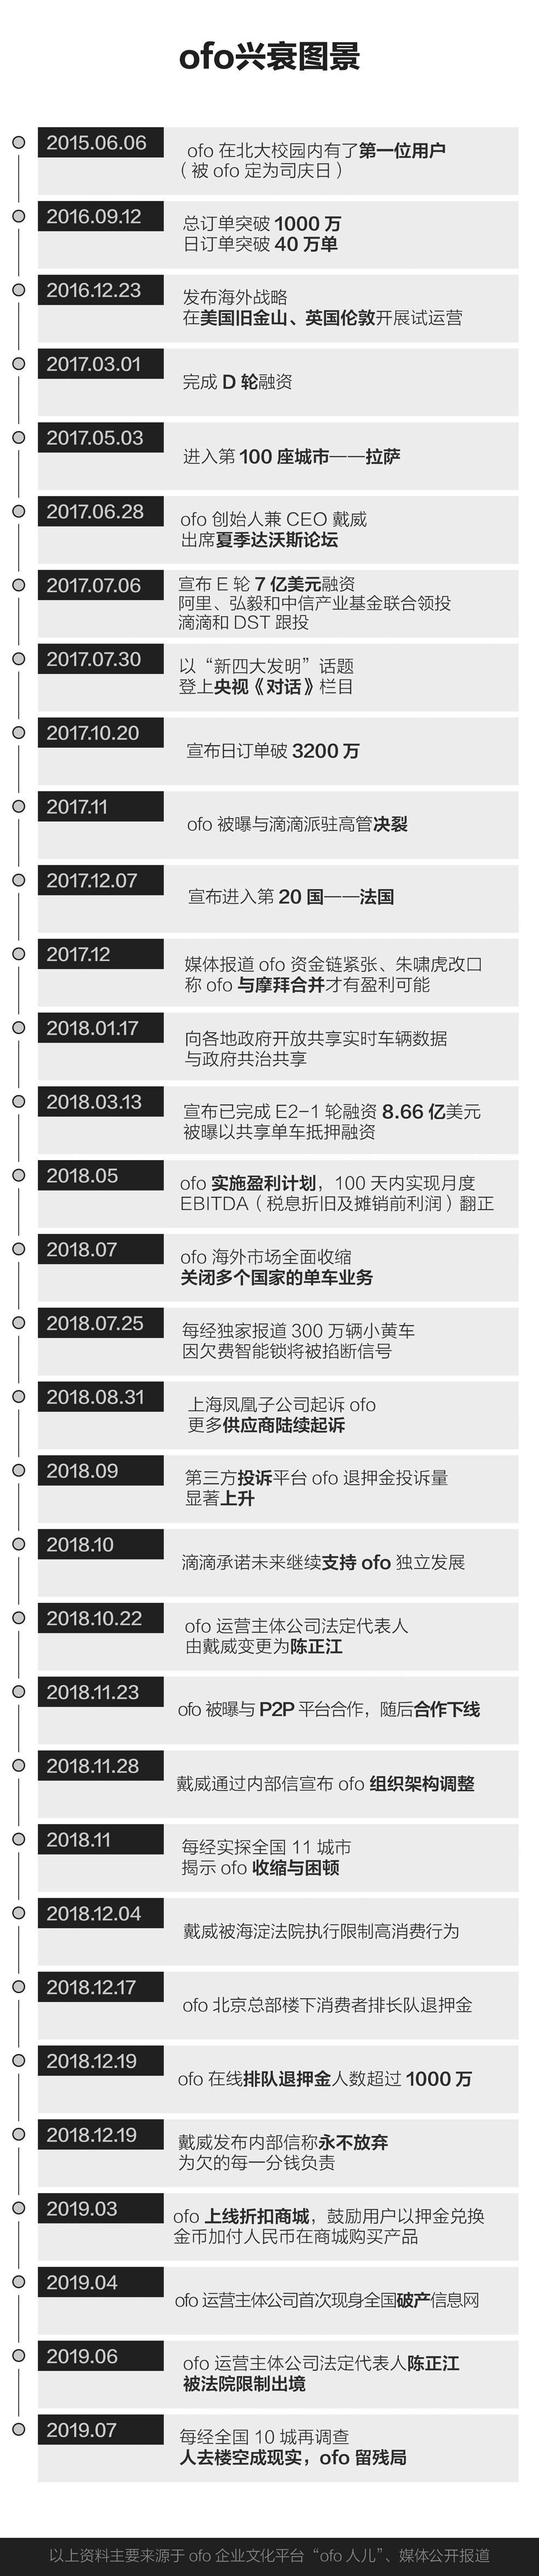 消息:ofo残局复盘 传统产业链玩不起的资本游戏